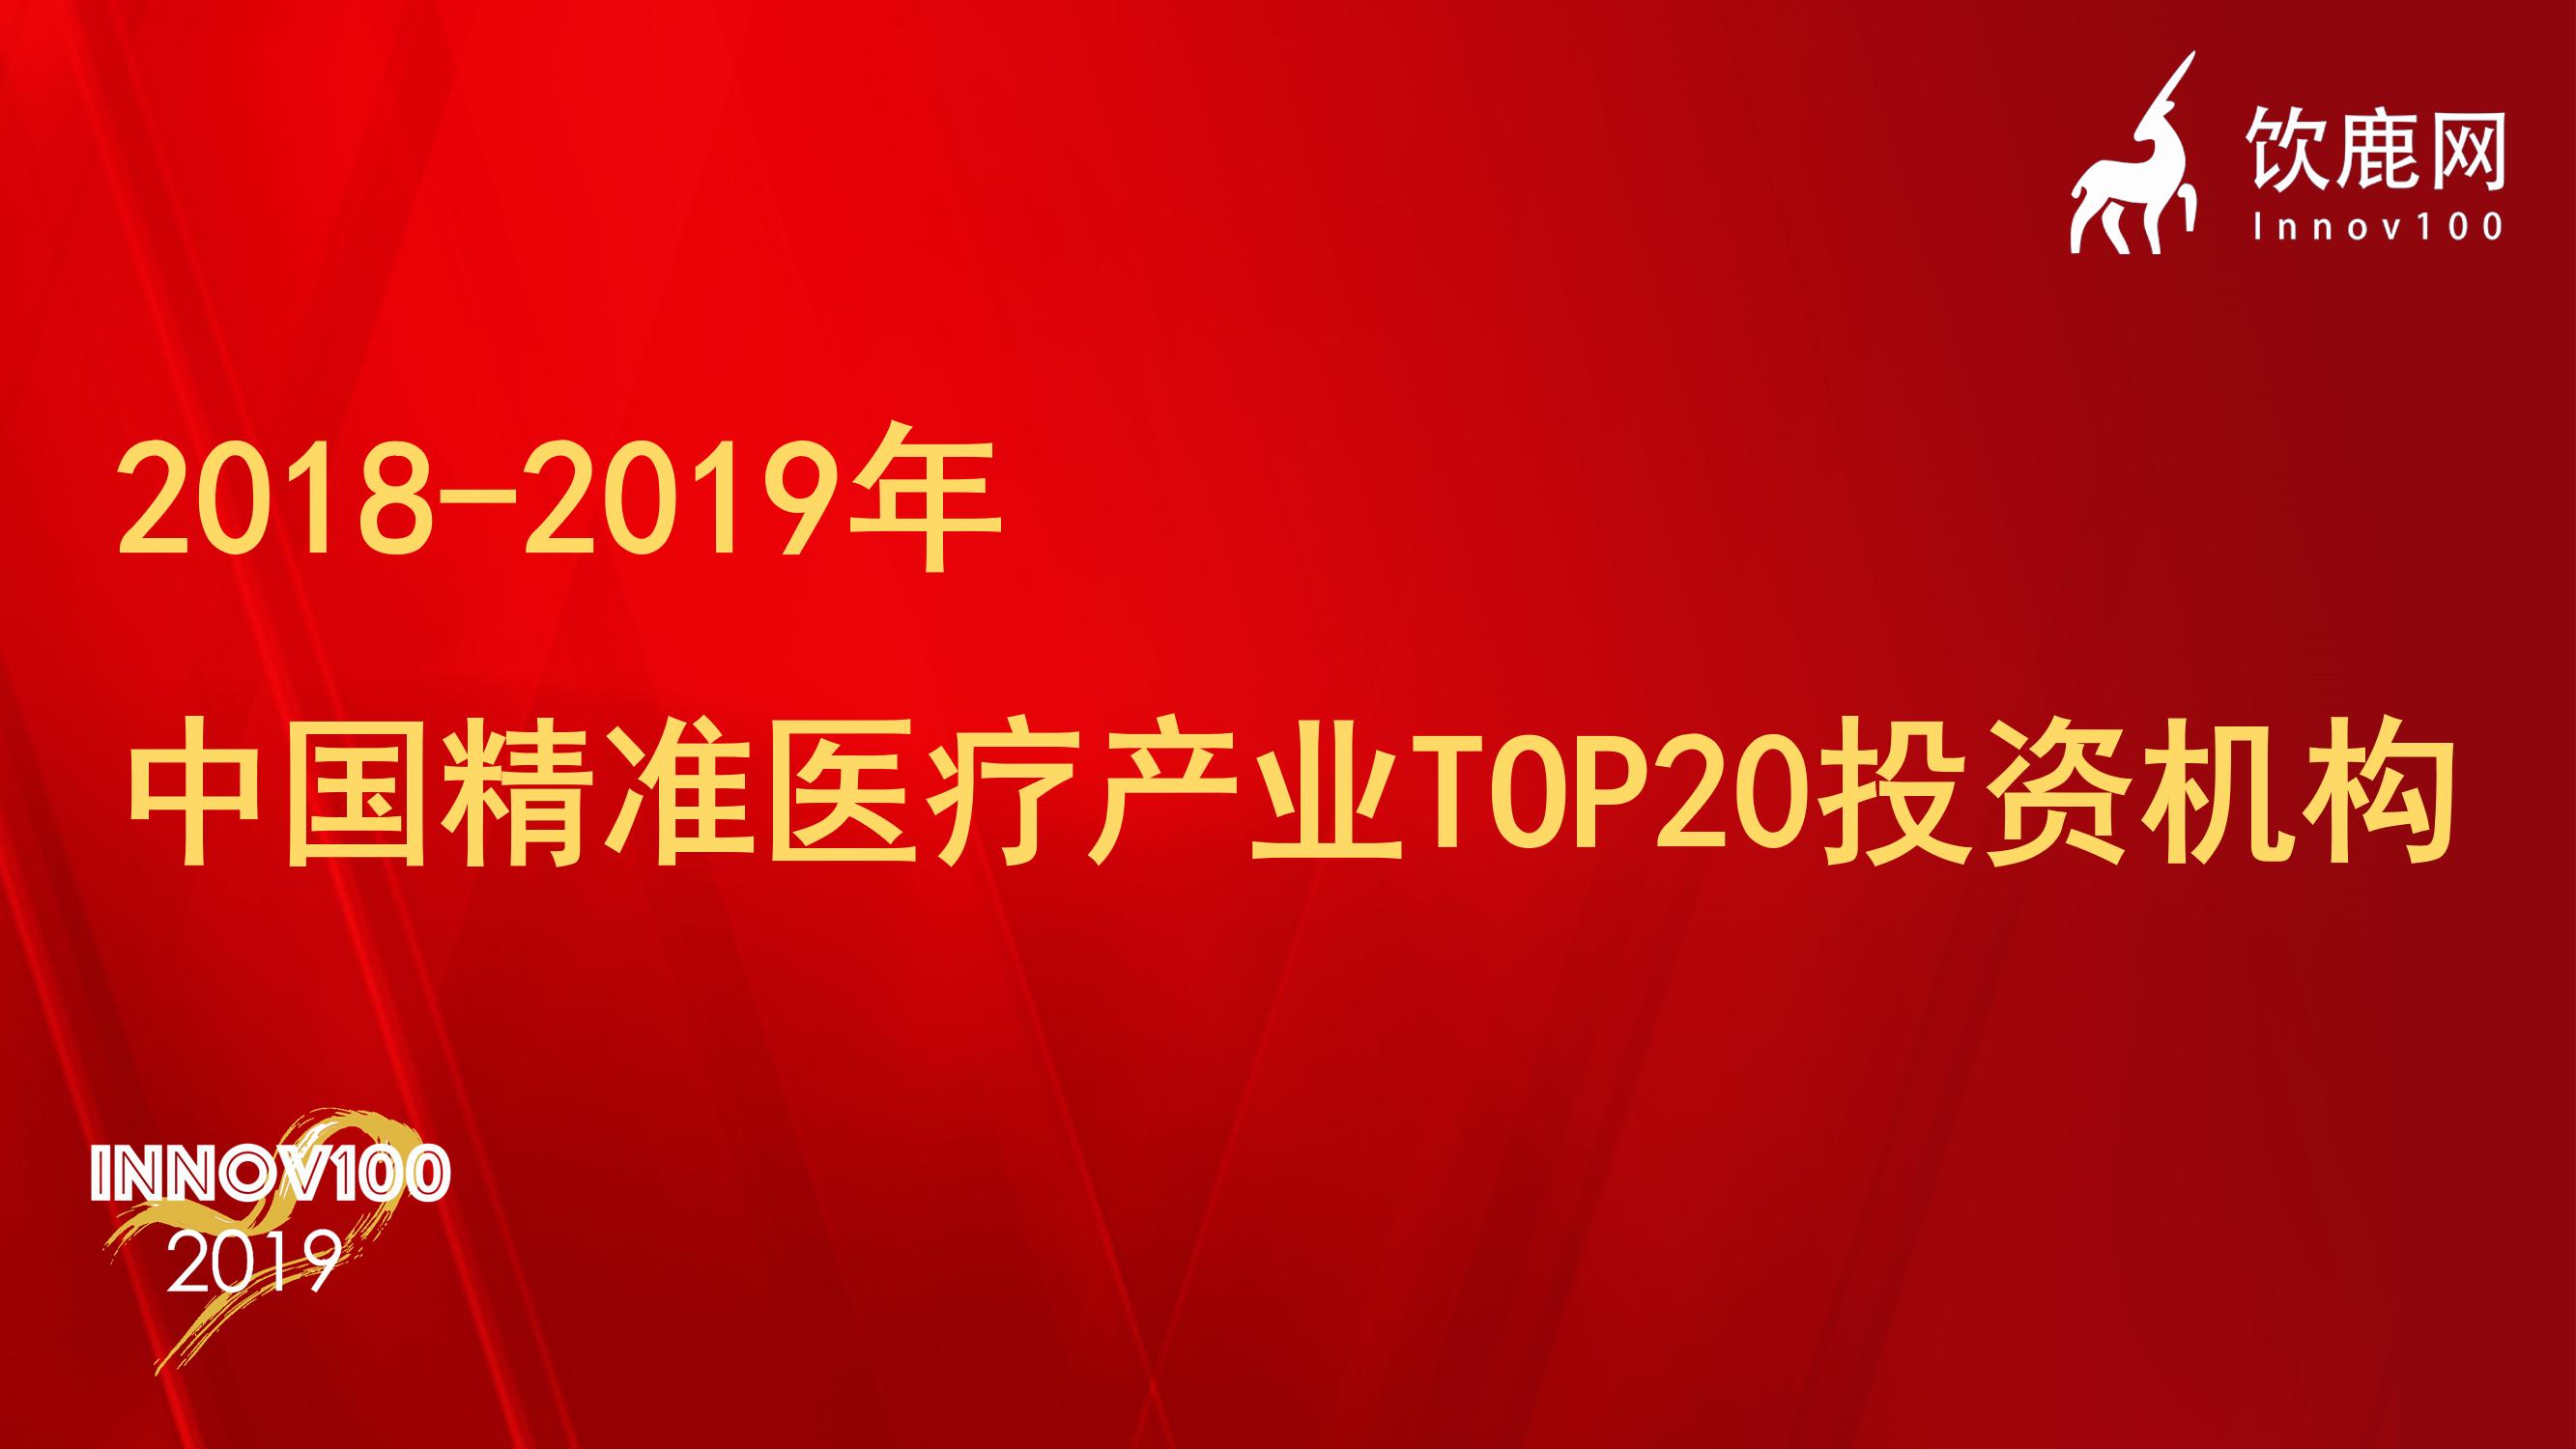 饮鹿网2018-2019年中国精准医疗产业TOP20投资机构榜单发布!